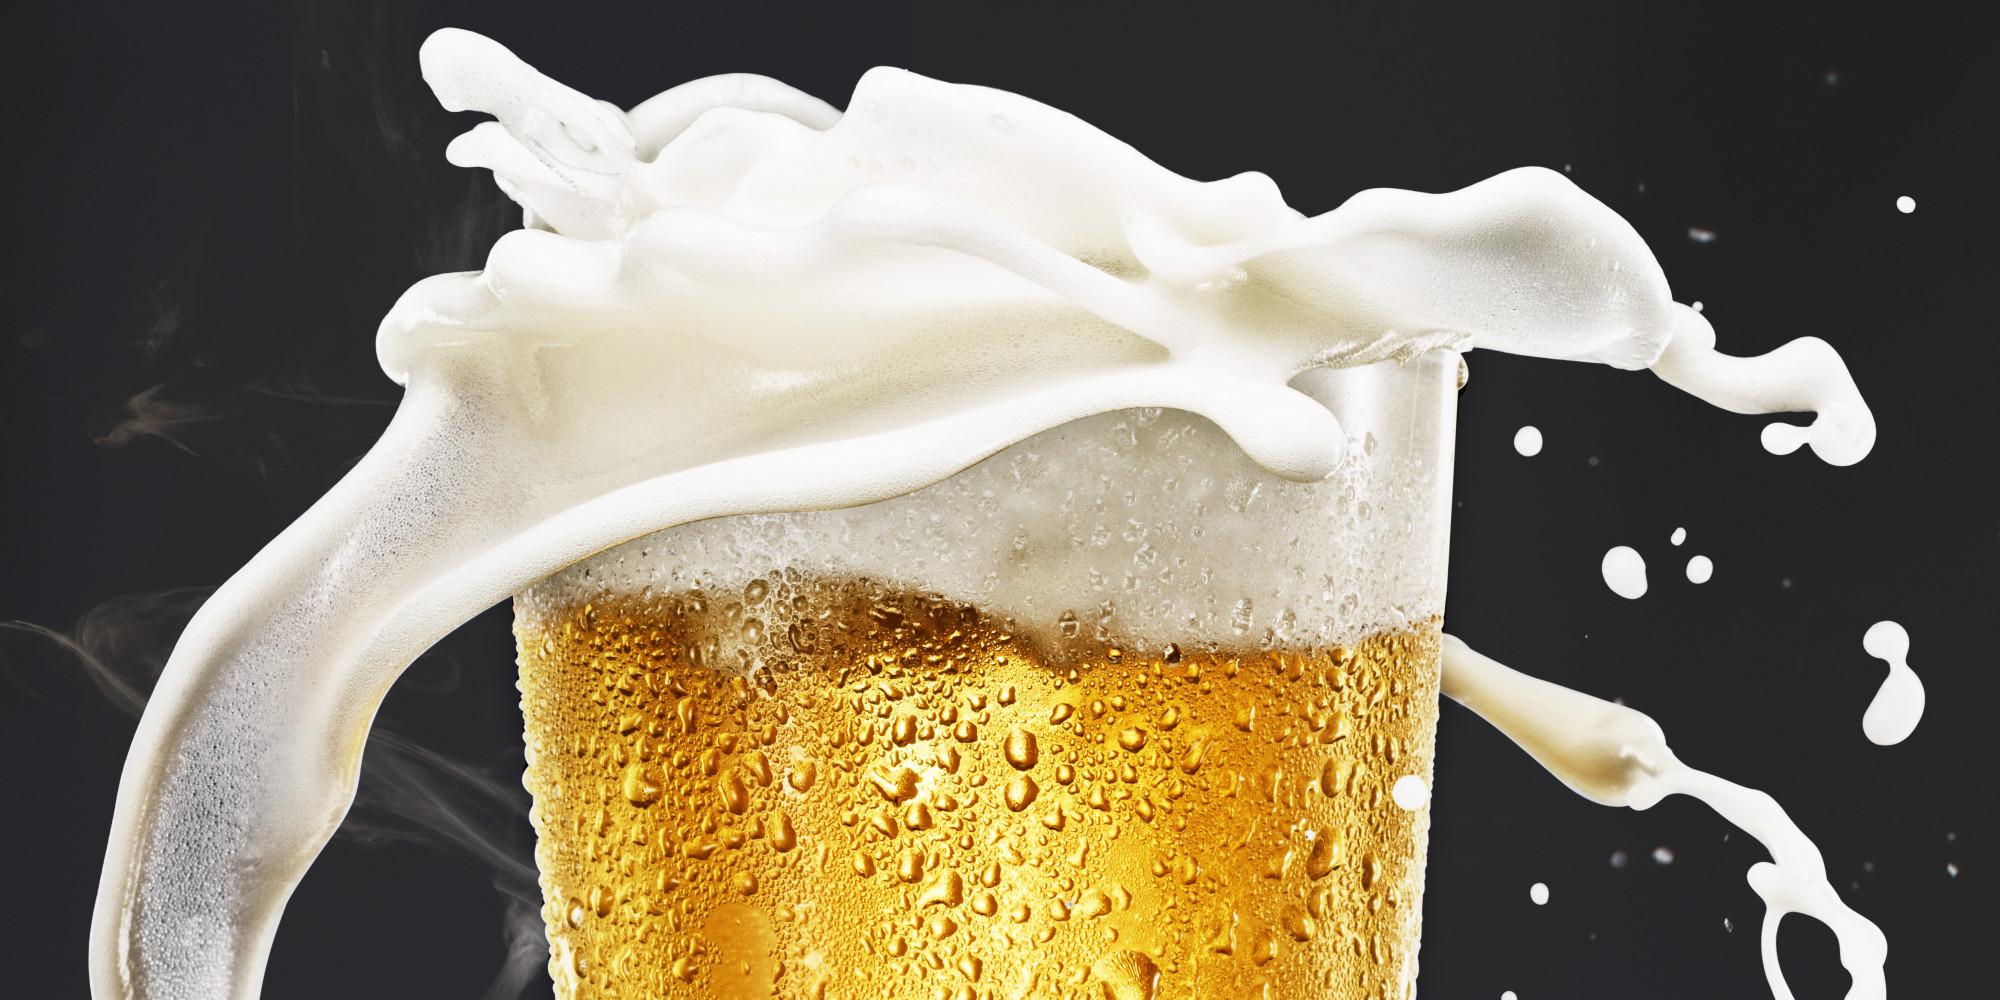 Vaso de cerveza con espuma